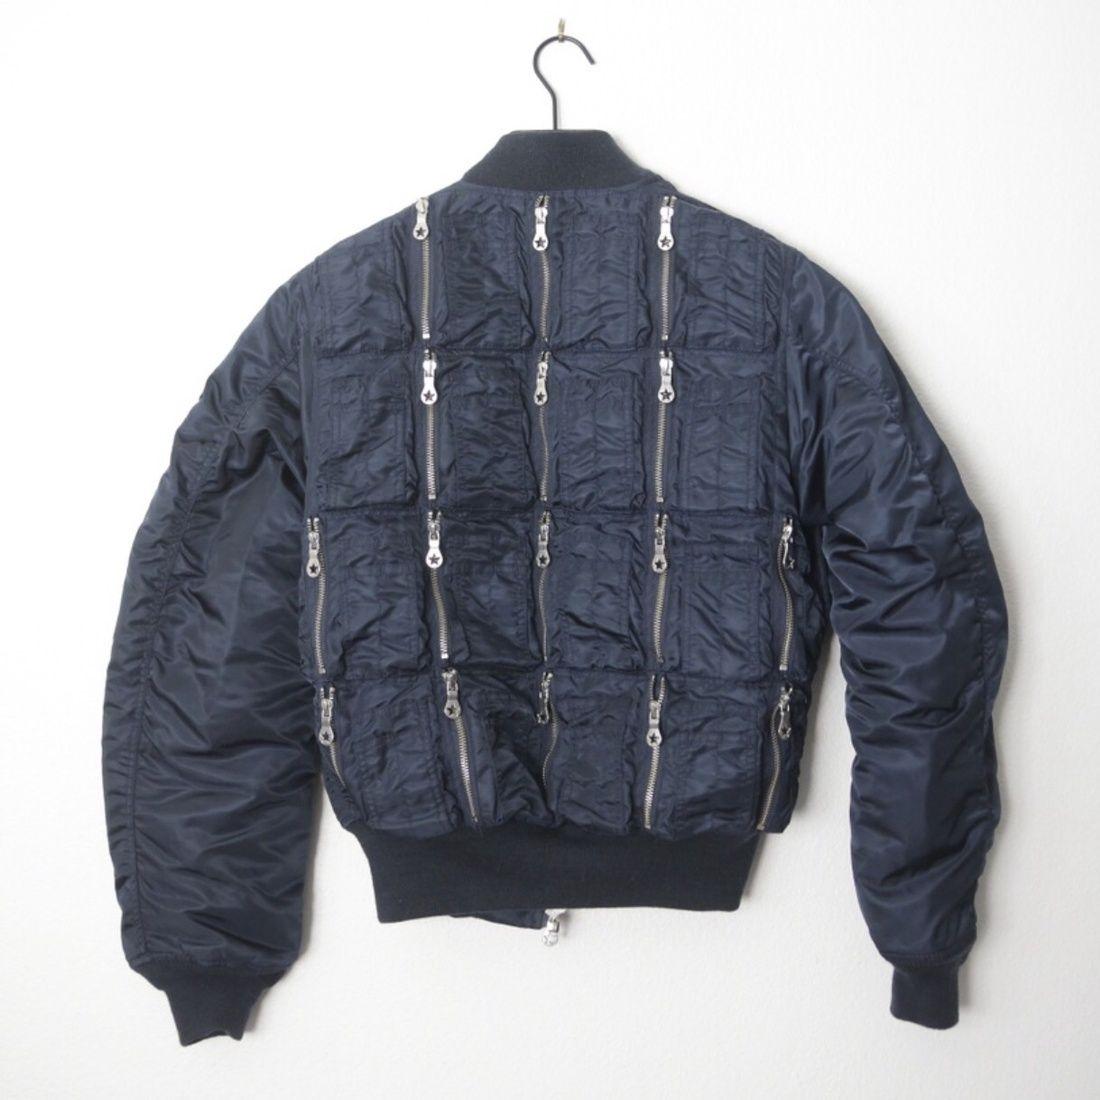 Phenomenon Ma 1 Size M 575 Outerwear Phenomena Shopping [ 1100 x 1100 Pixel ]